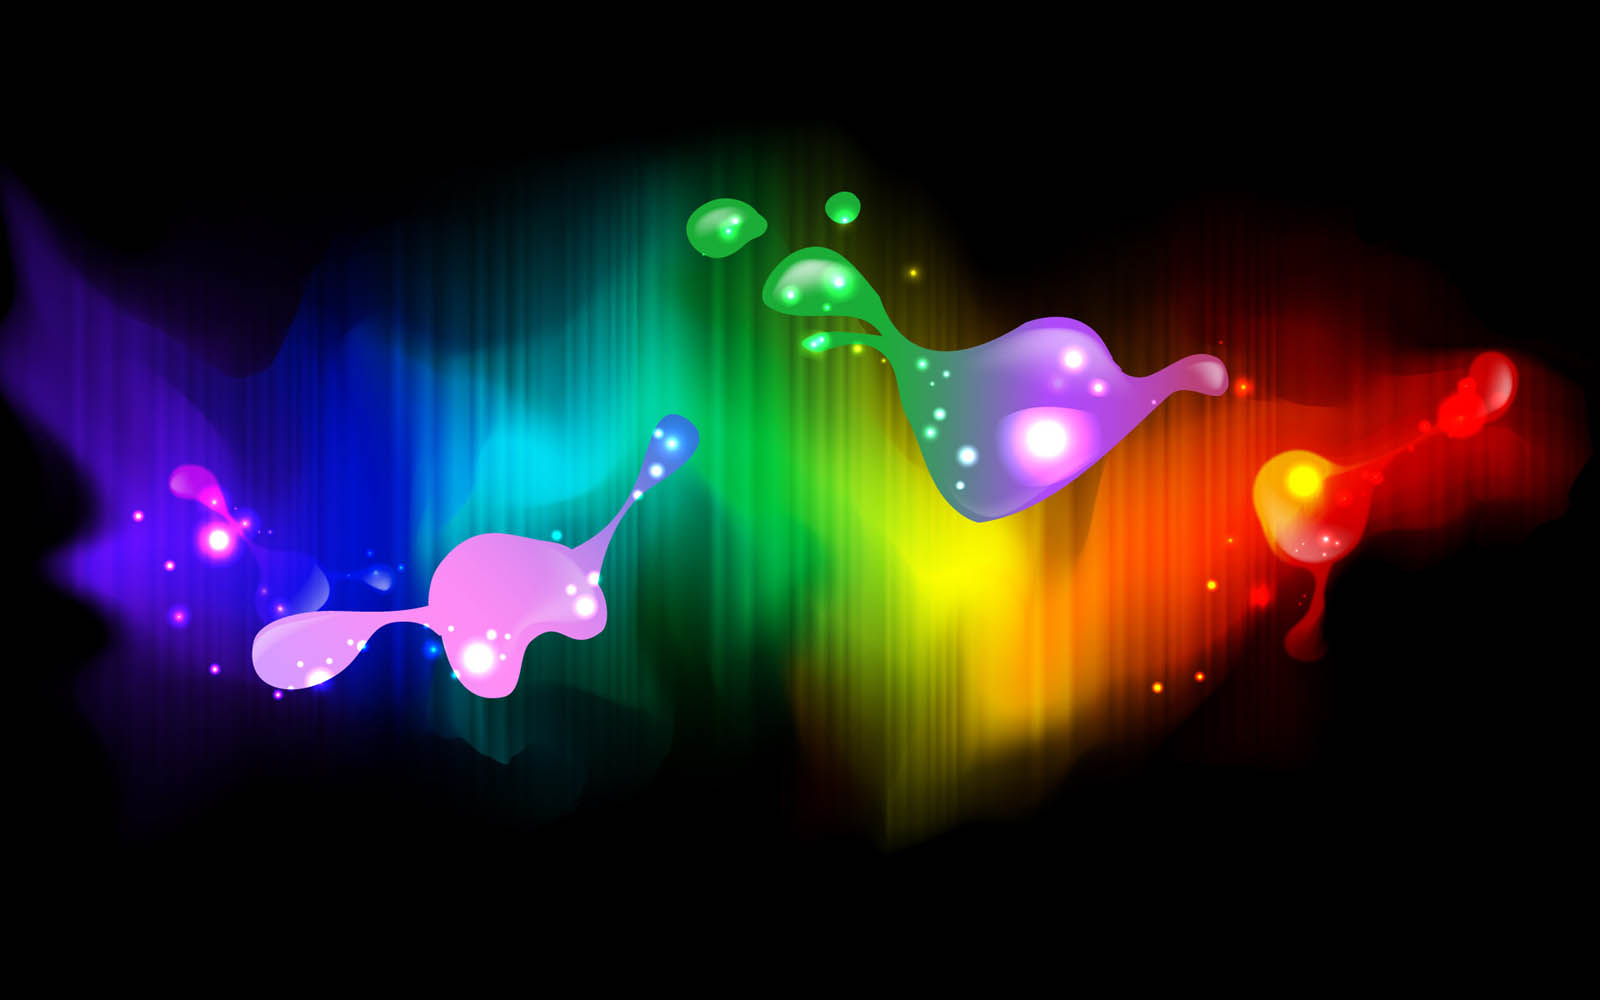 wallpapers Neon Art Wallpapers 1600x1000